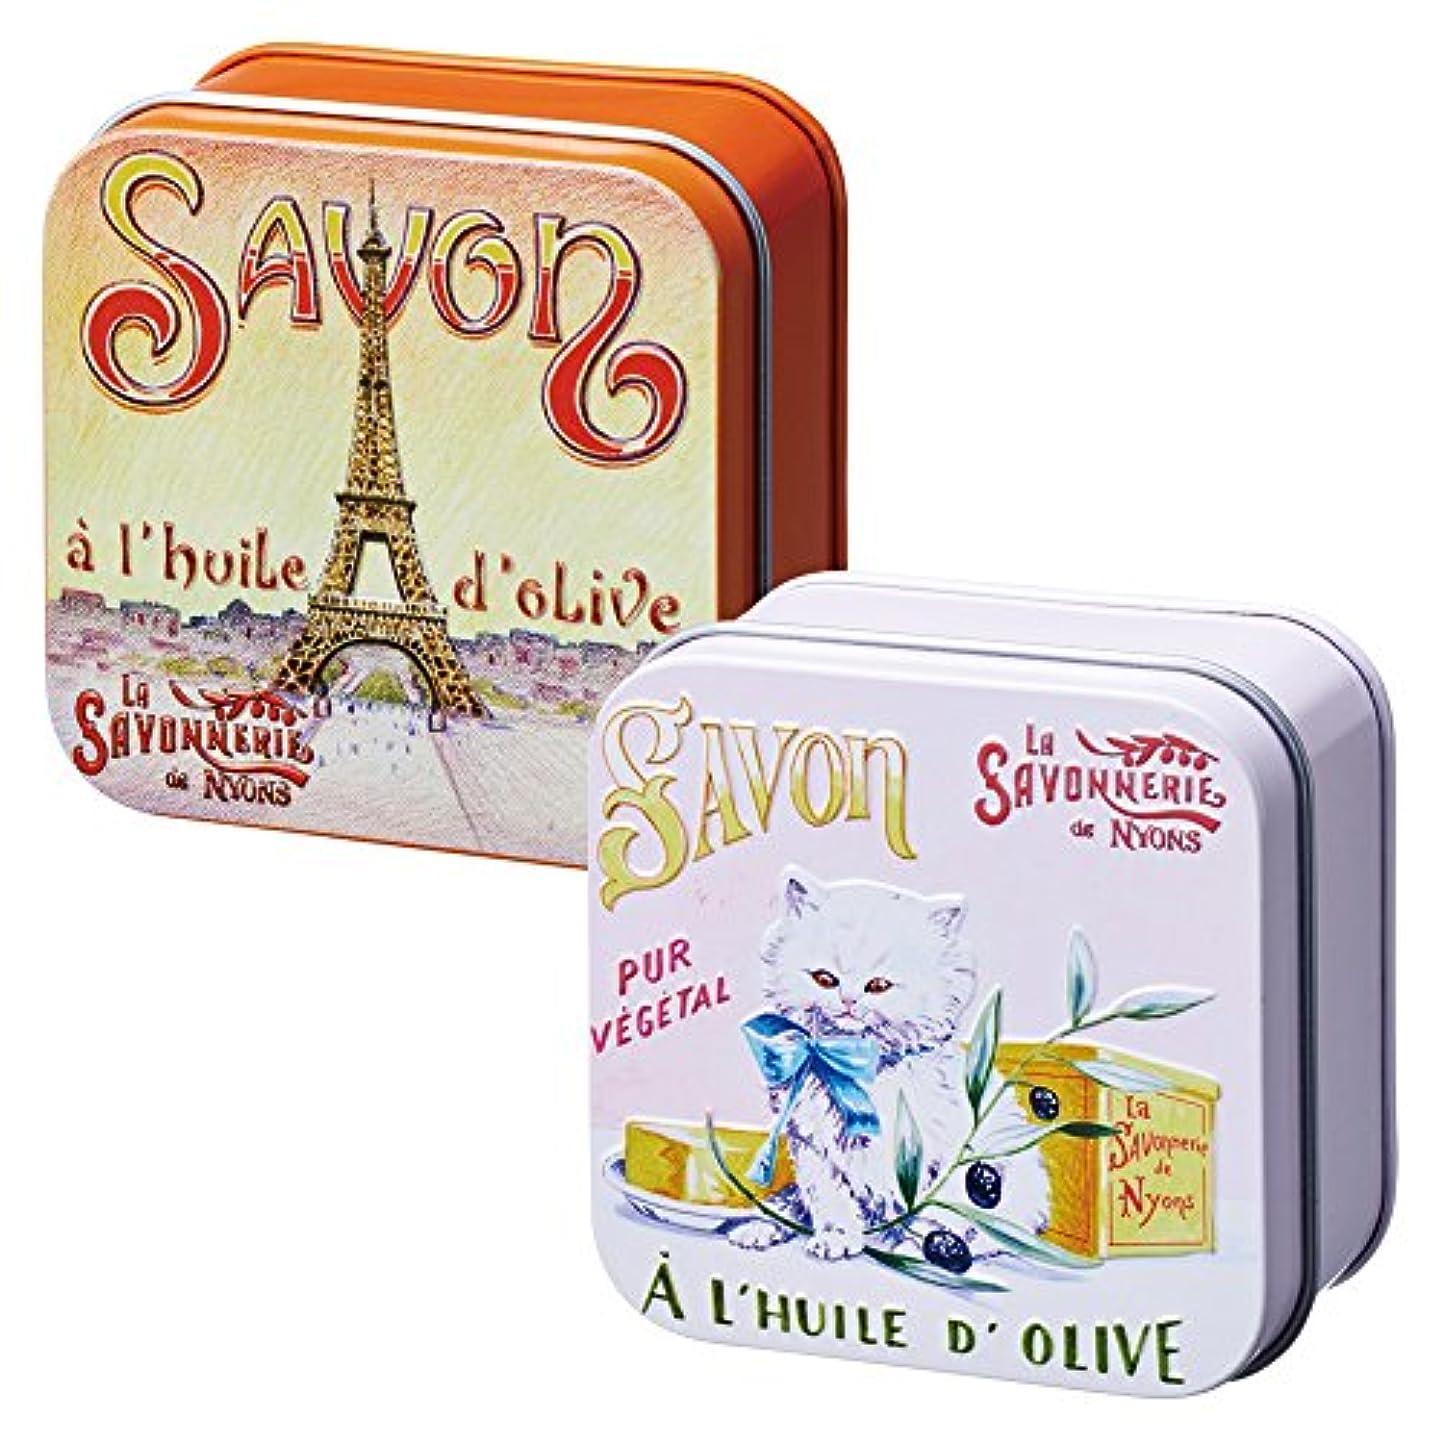 限界くるくる満足させるフランスお土産 ラ?サボネリー アンティーク缶入り石けん 2種セット(子猫&エッフェル塔)